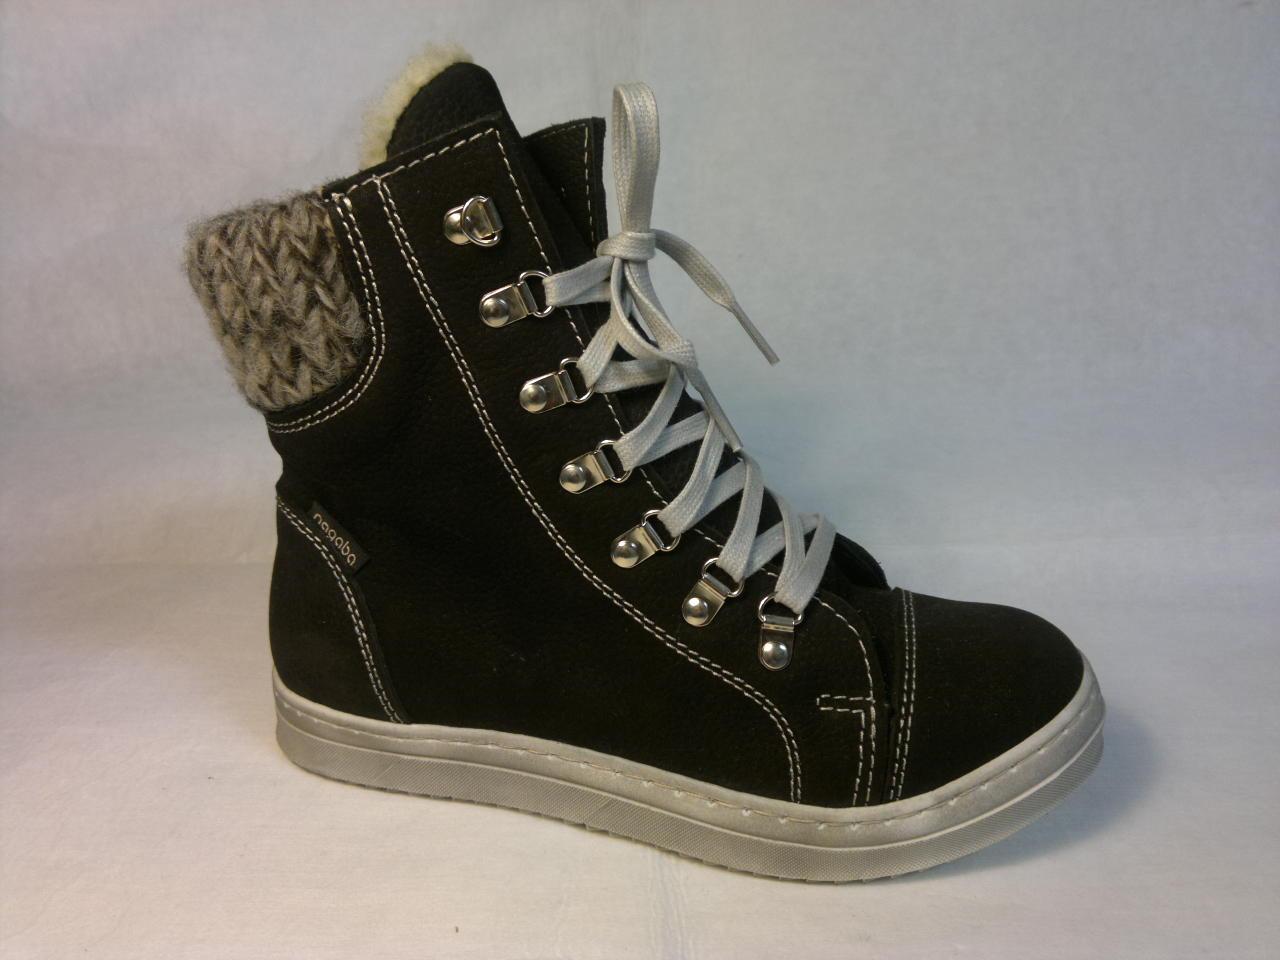 Nagaba - mladistvá, zateplená botka, zapínání je na tkaničku nebo zip na straně